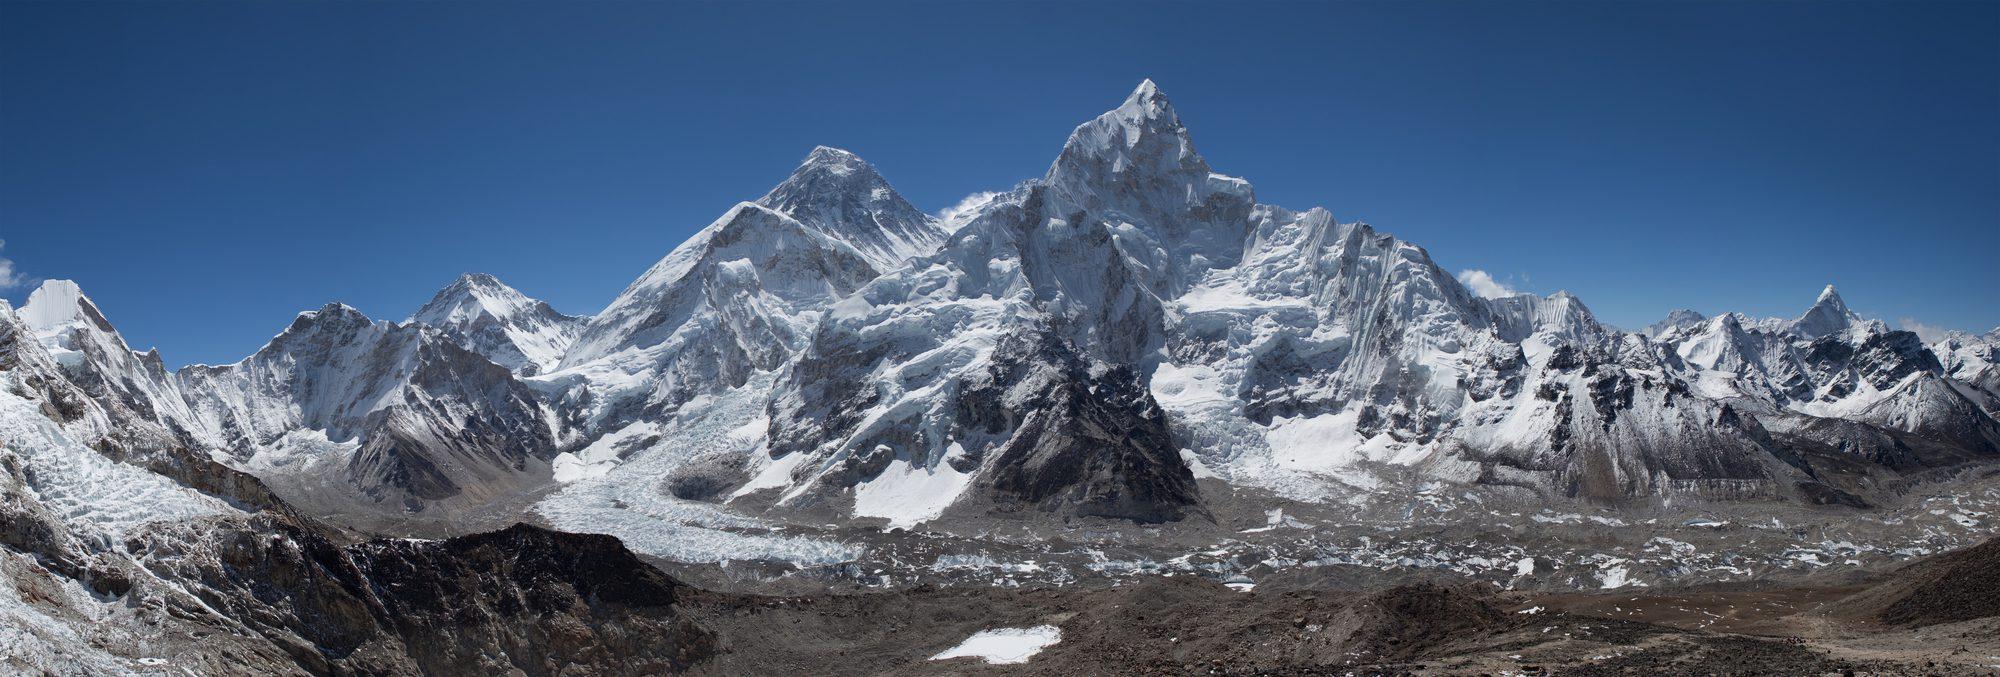 Himalájai jóga